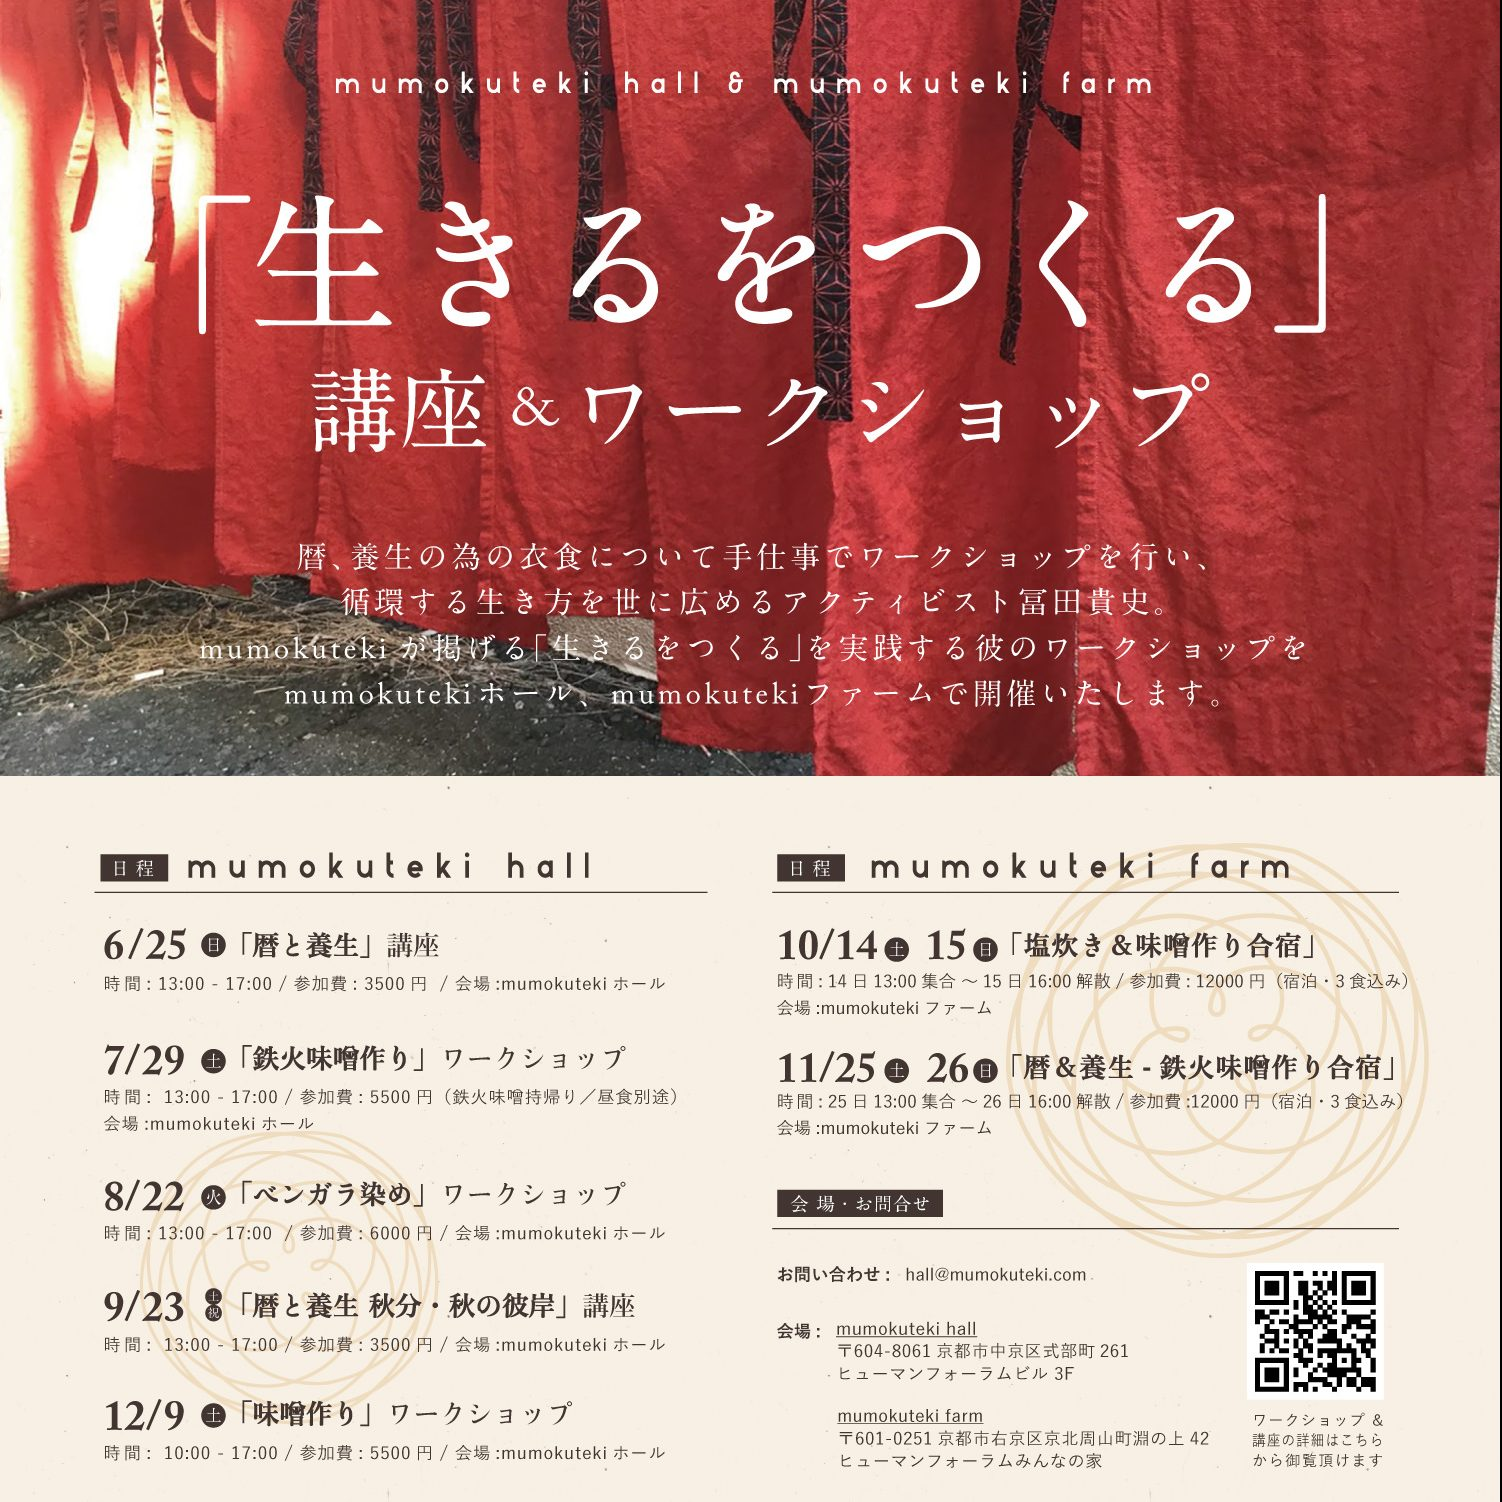 6/25(日) 冨田貴史「暦と養生」講座 @mumokuteki 3階ホール